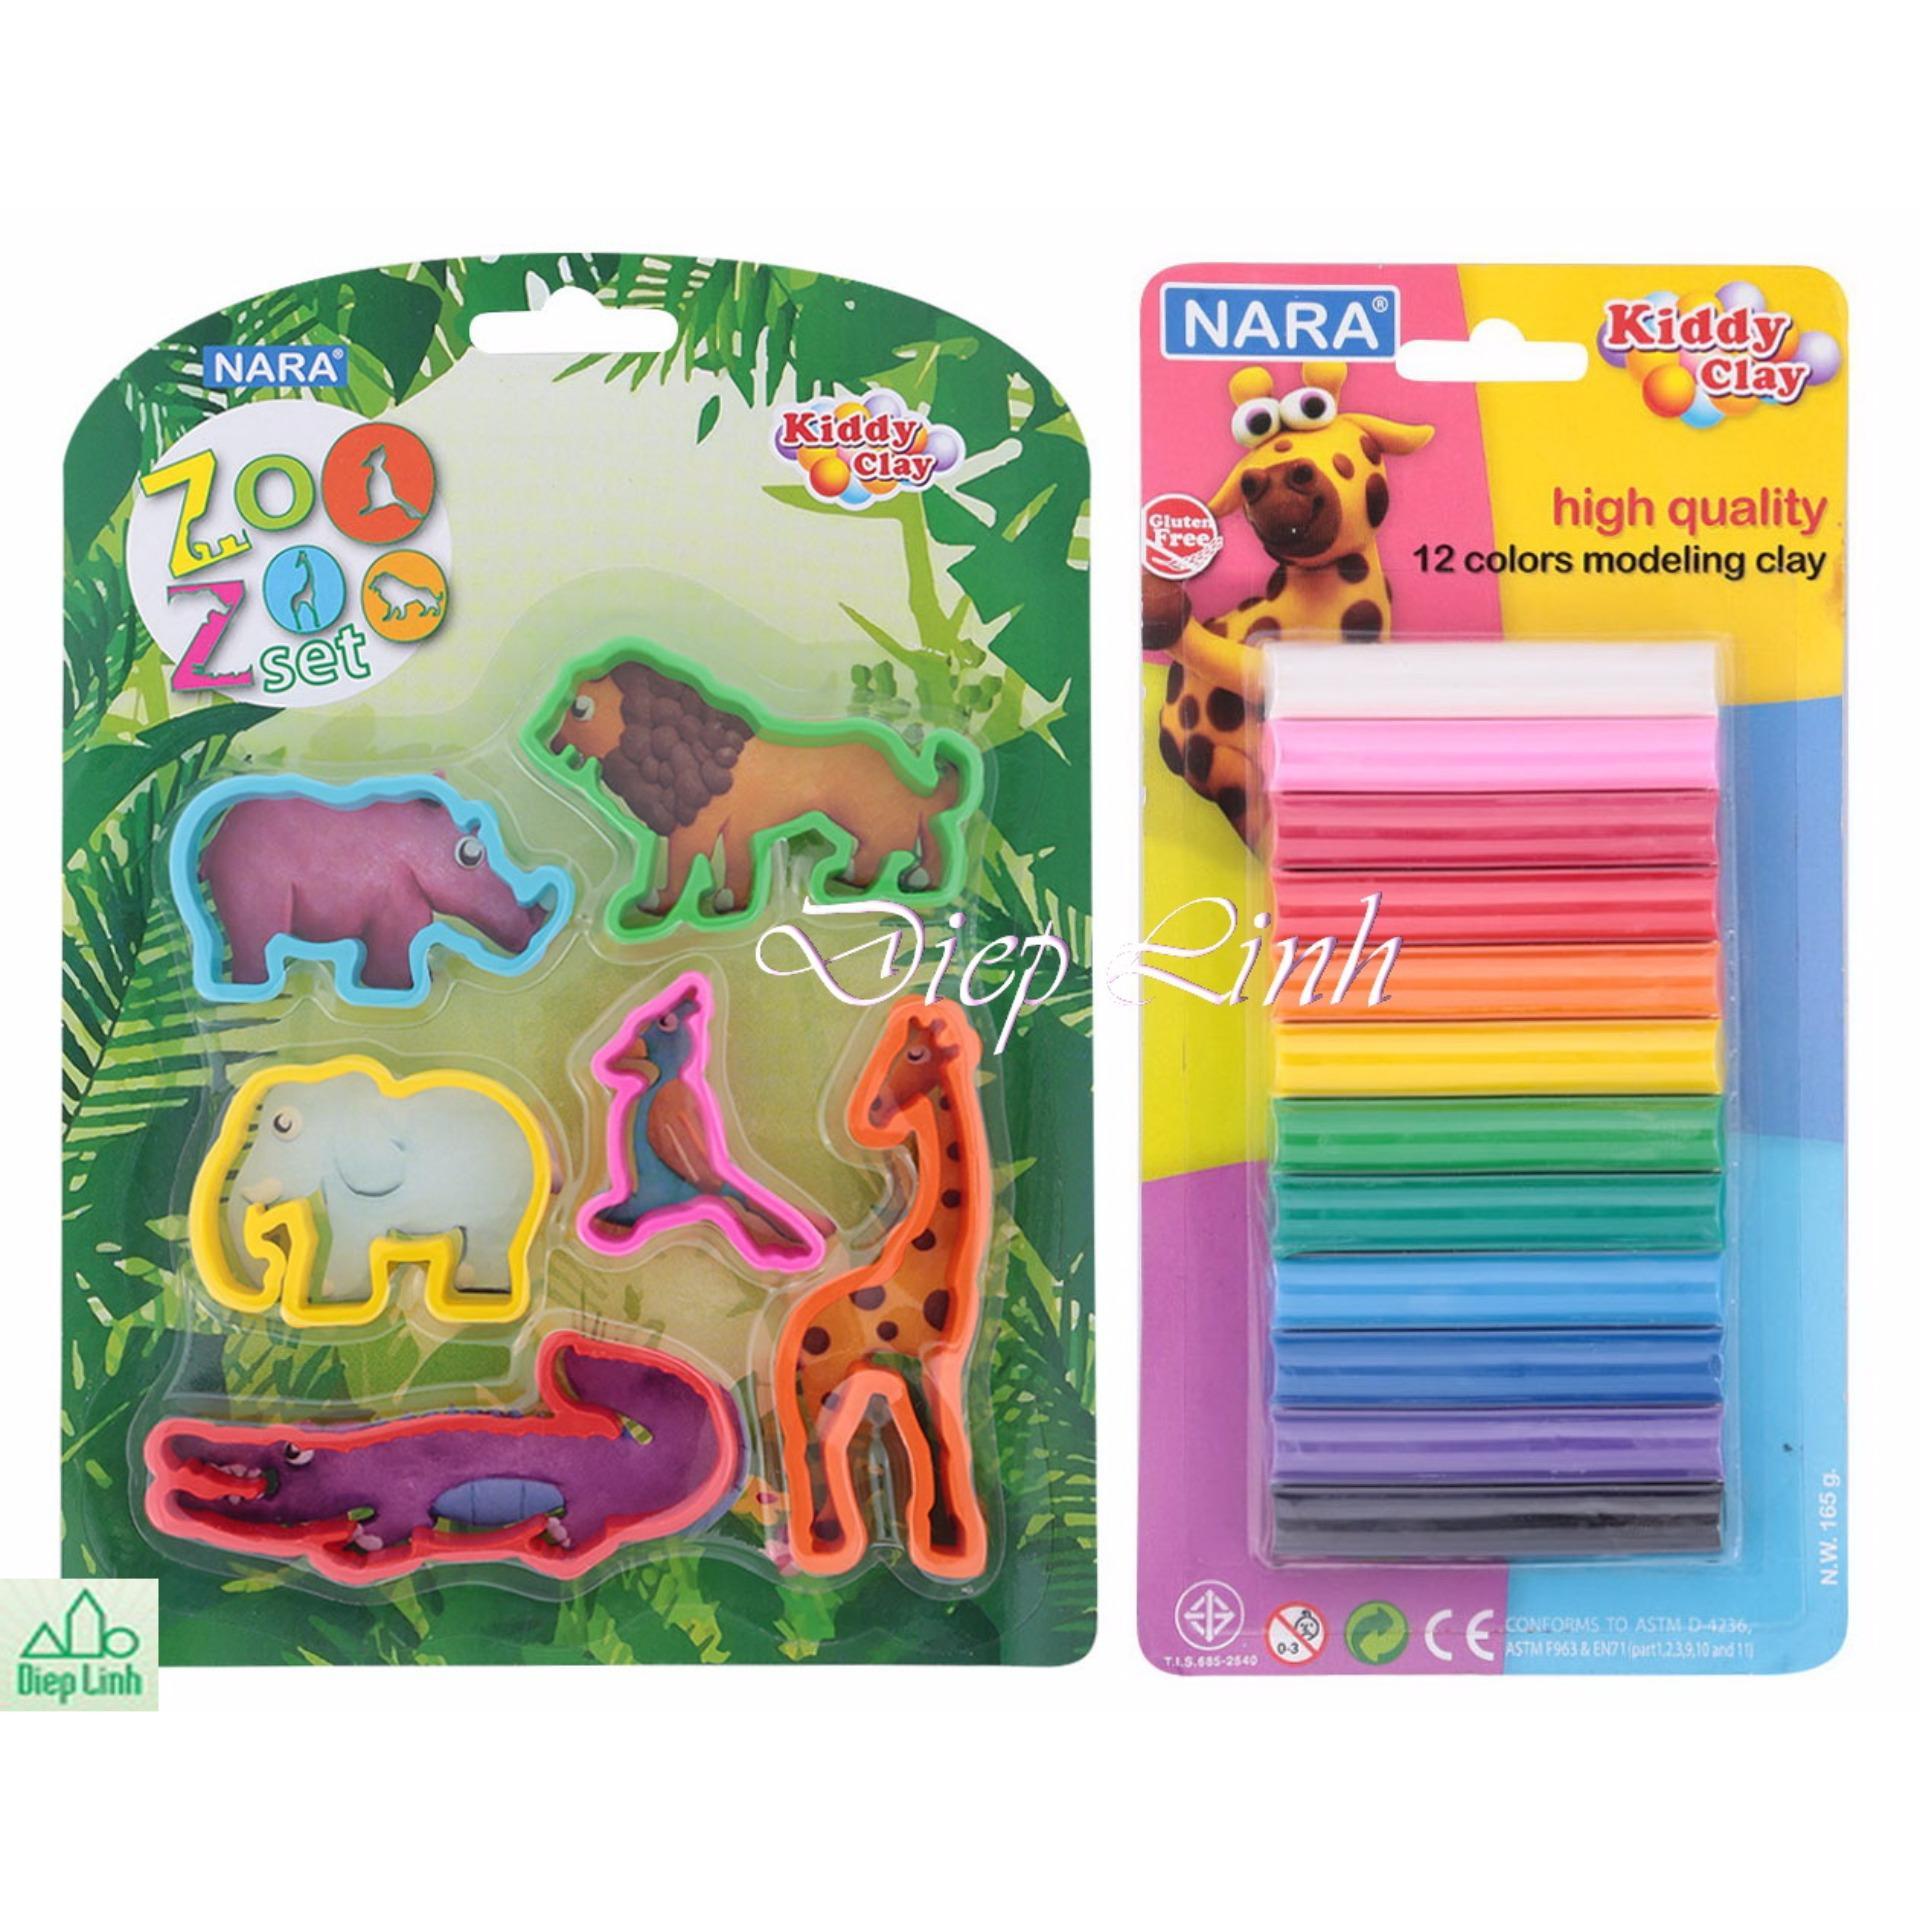 Bộ đất sét nặn 12 màu kèm khuôn nặn vườn thú hàng Thái Lan – Diệp Linh DN16